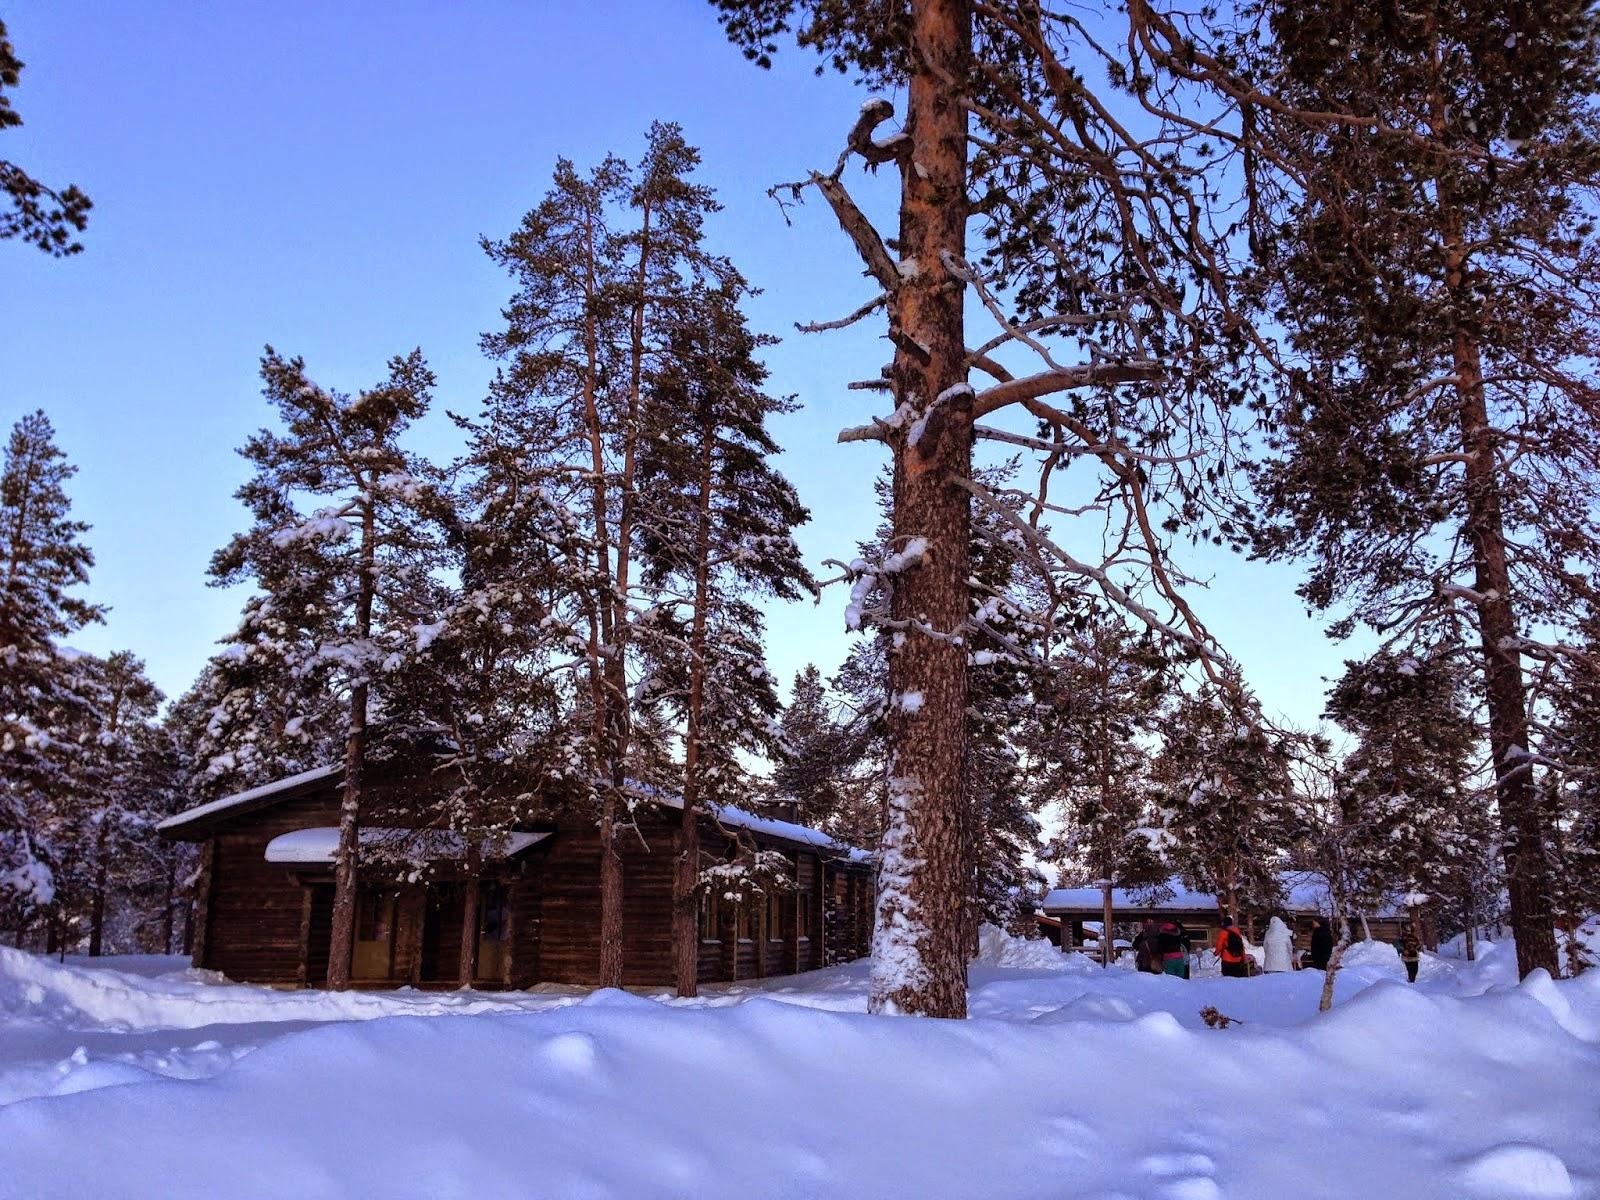 Kiilopaa Finland Northern Lights